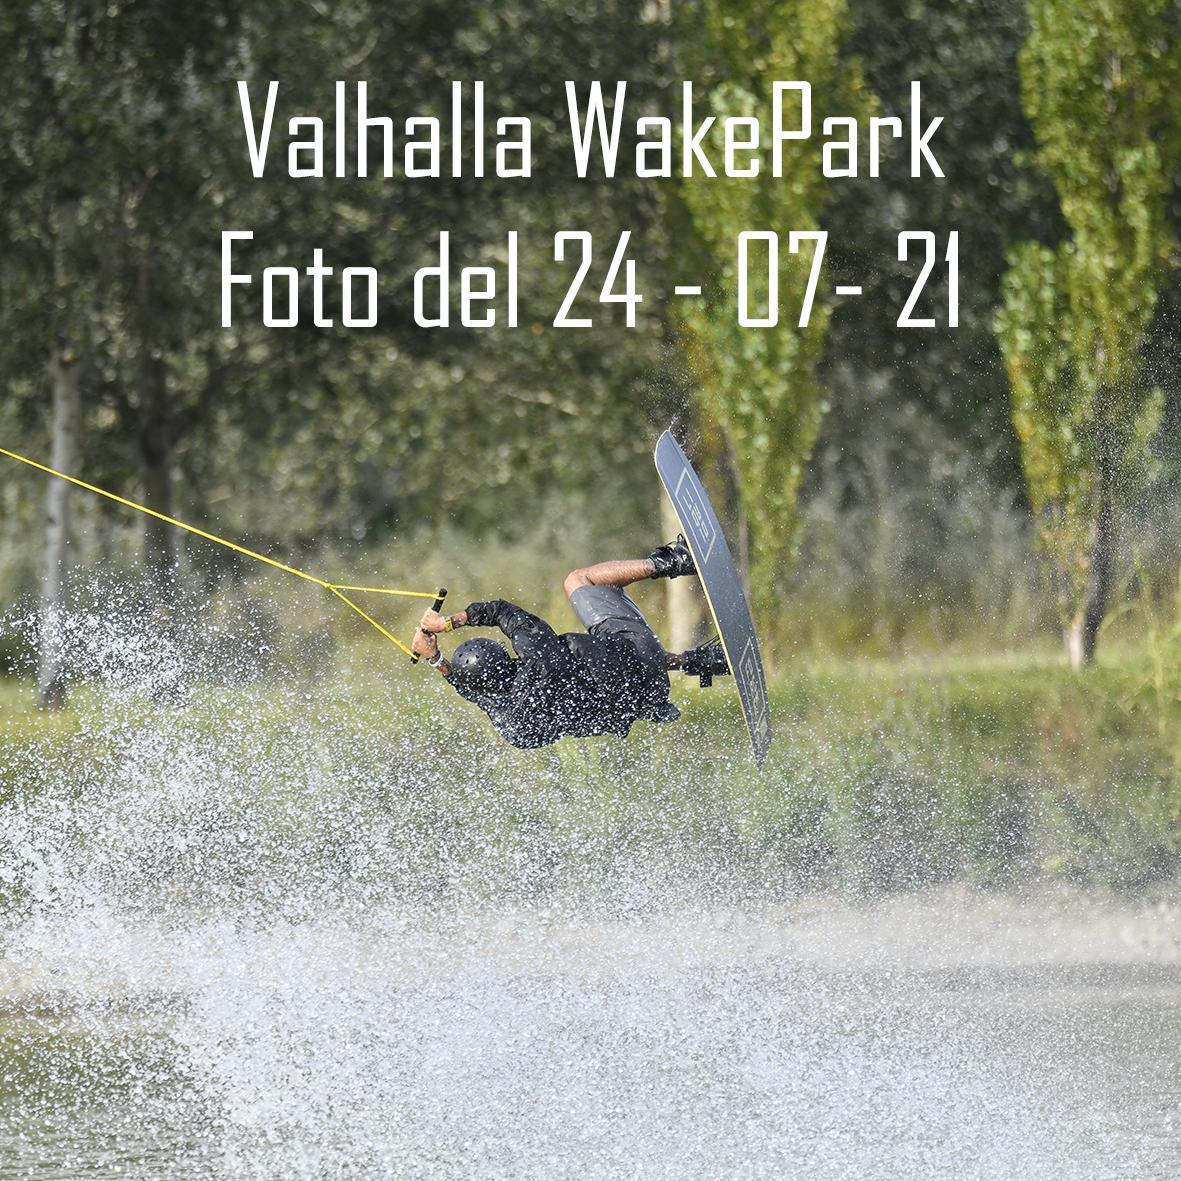 Valhalla foto 24-07-21